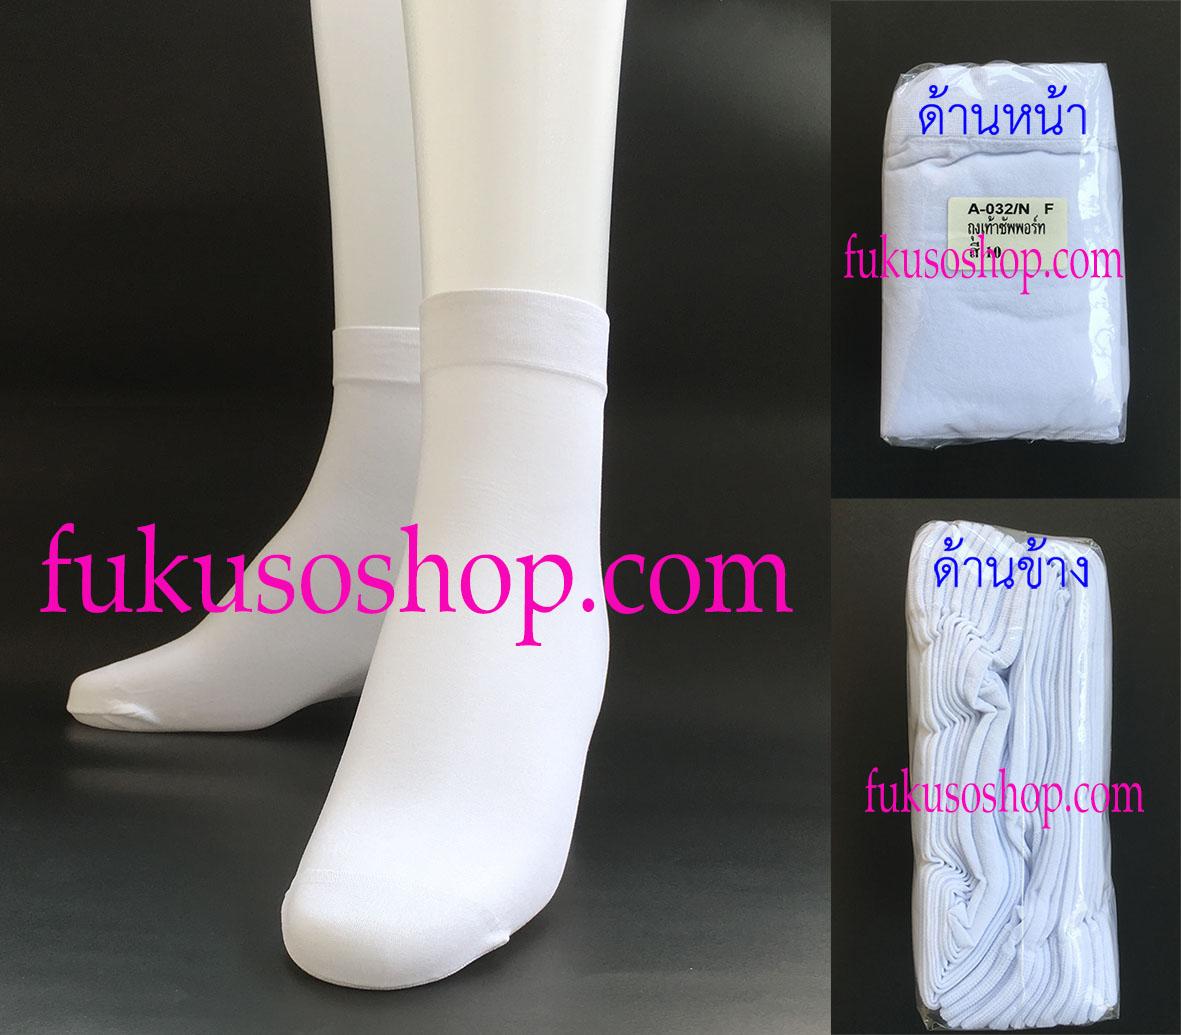 ถุงเท้าพยาบาล สีขาว ราคาถูกเพียง โหลละ170บาท เนื้อผ้าดีใช้ได้นาน(ส่งฟรี)